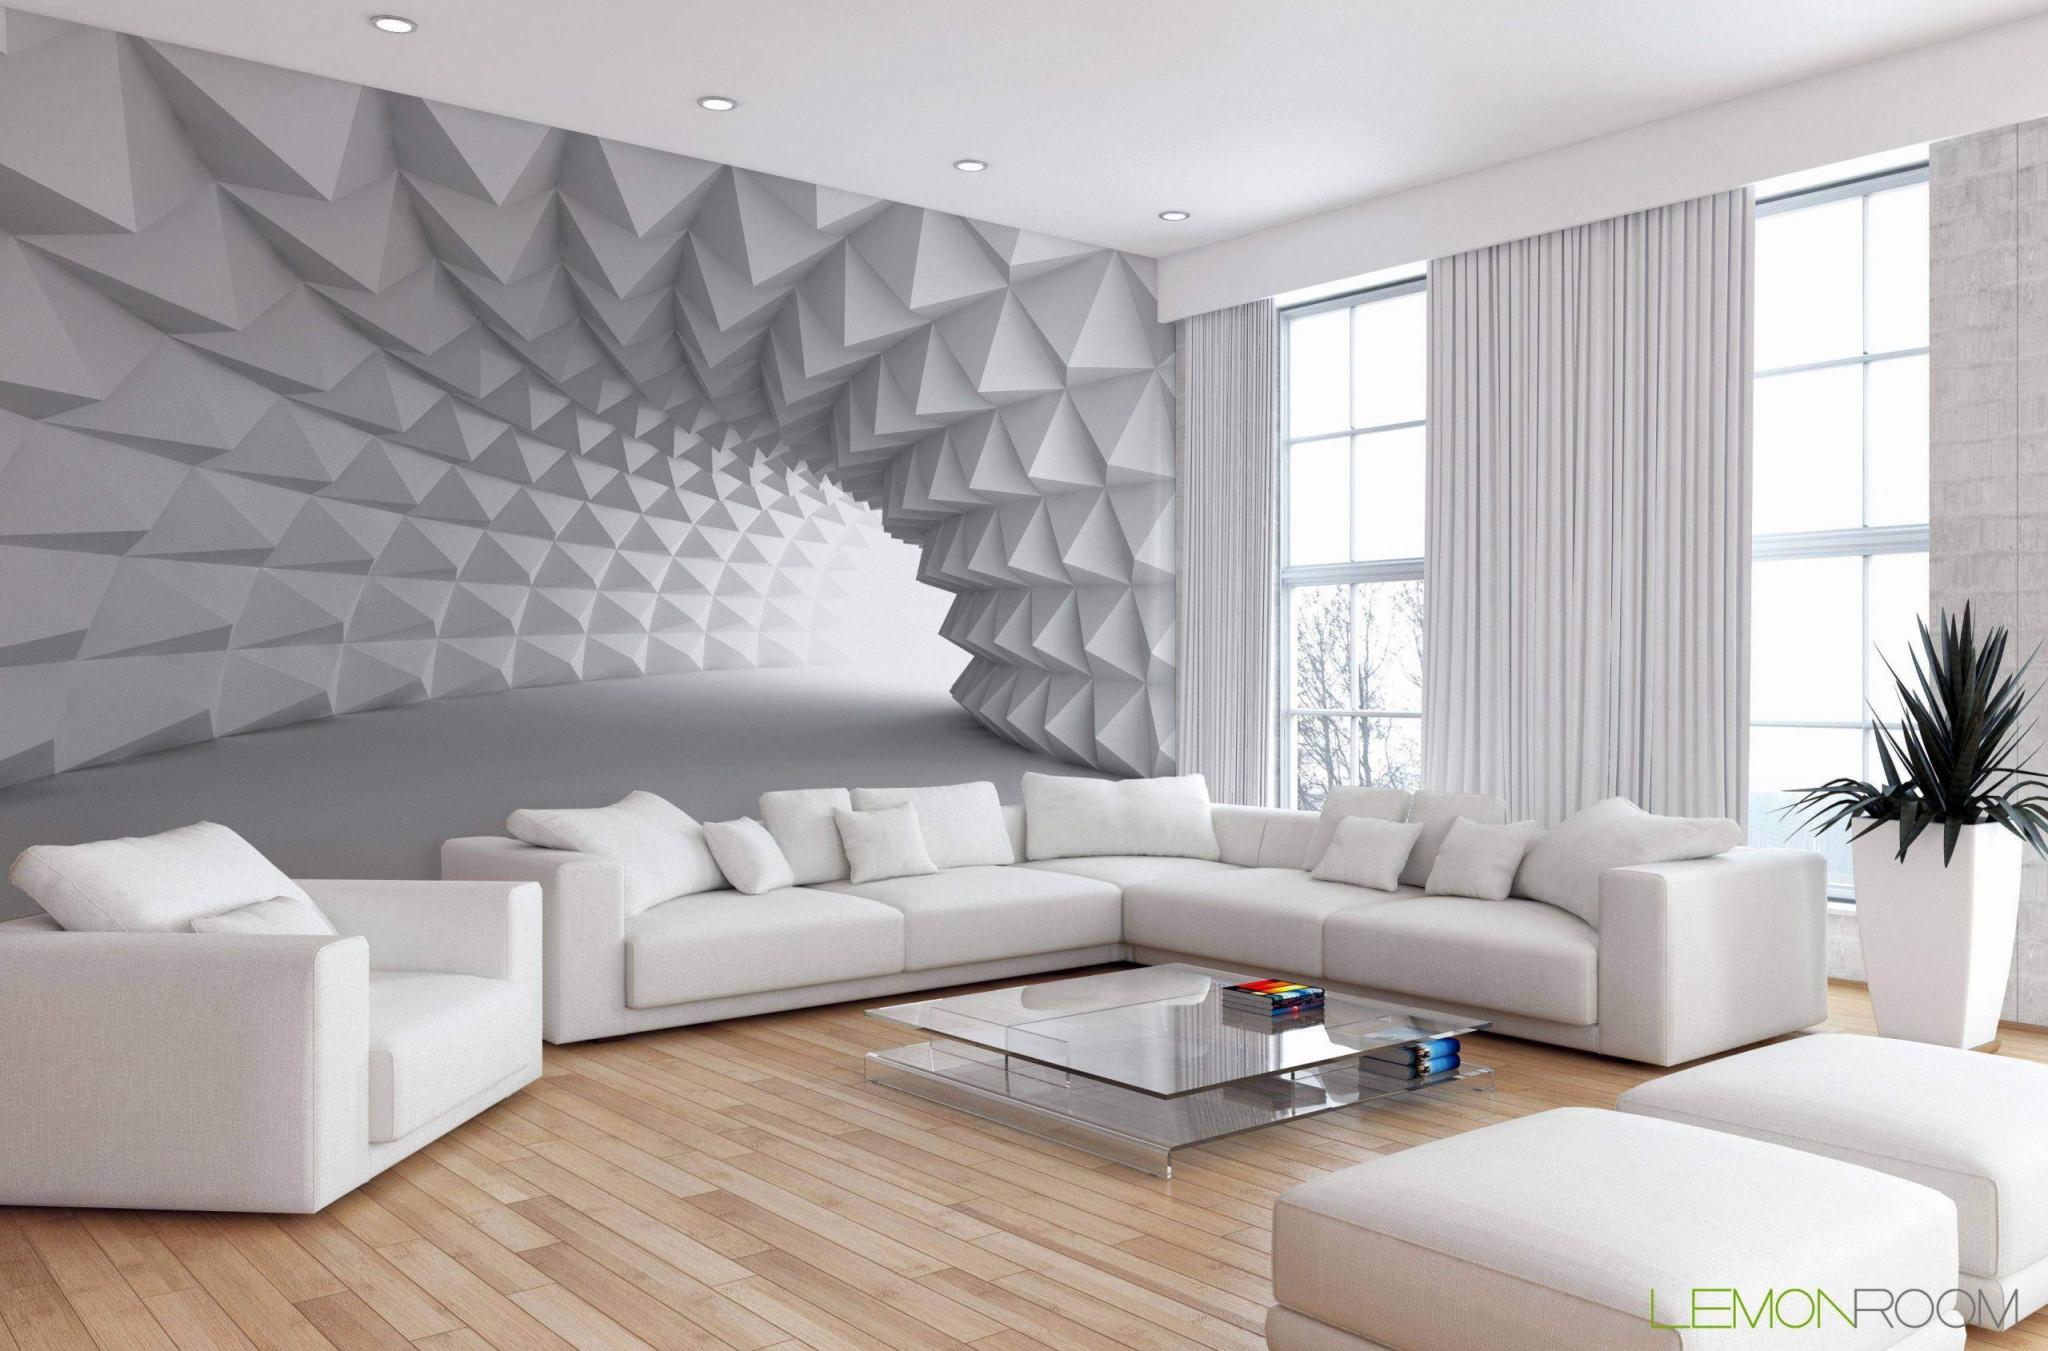 3D Tapete Wohnzimmer Einzigartig Wohnzimmer Design Tapeten von Designer Tapeten Wohnzimmer Bild